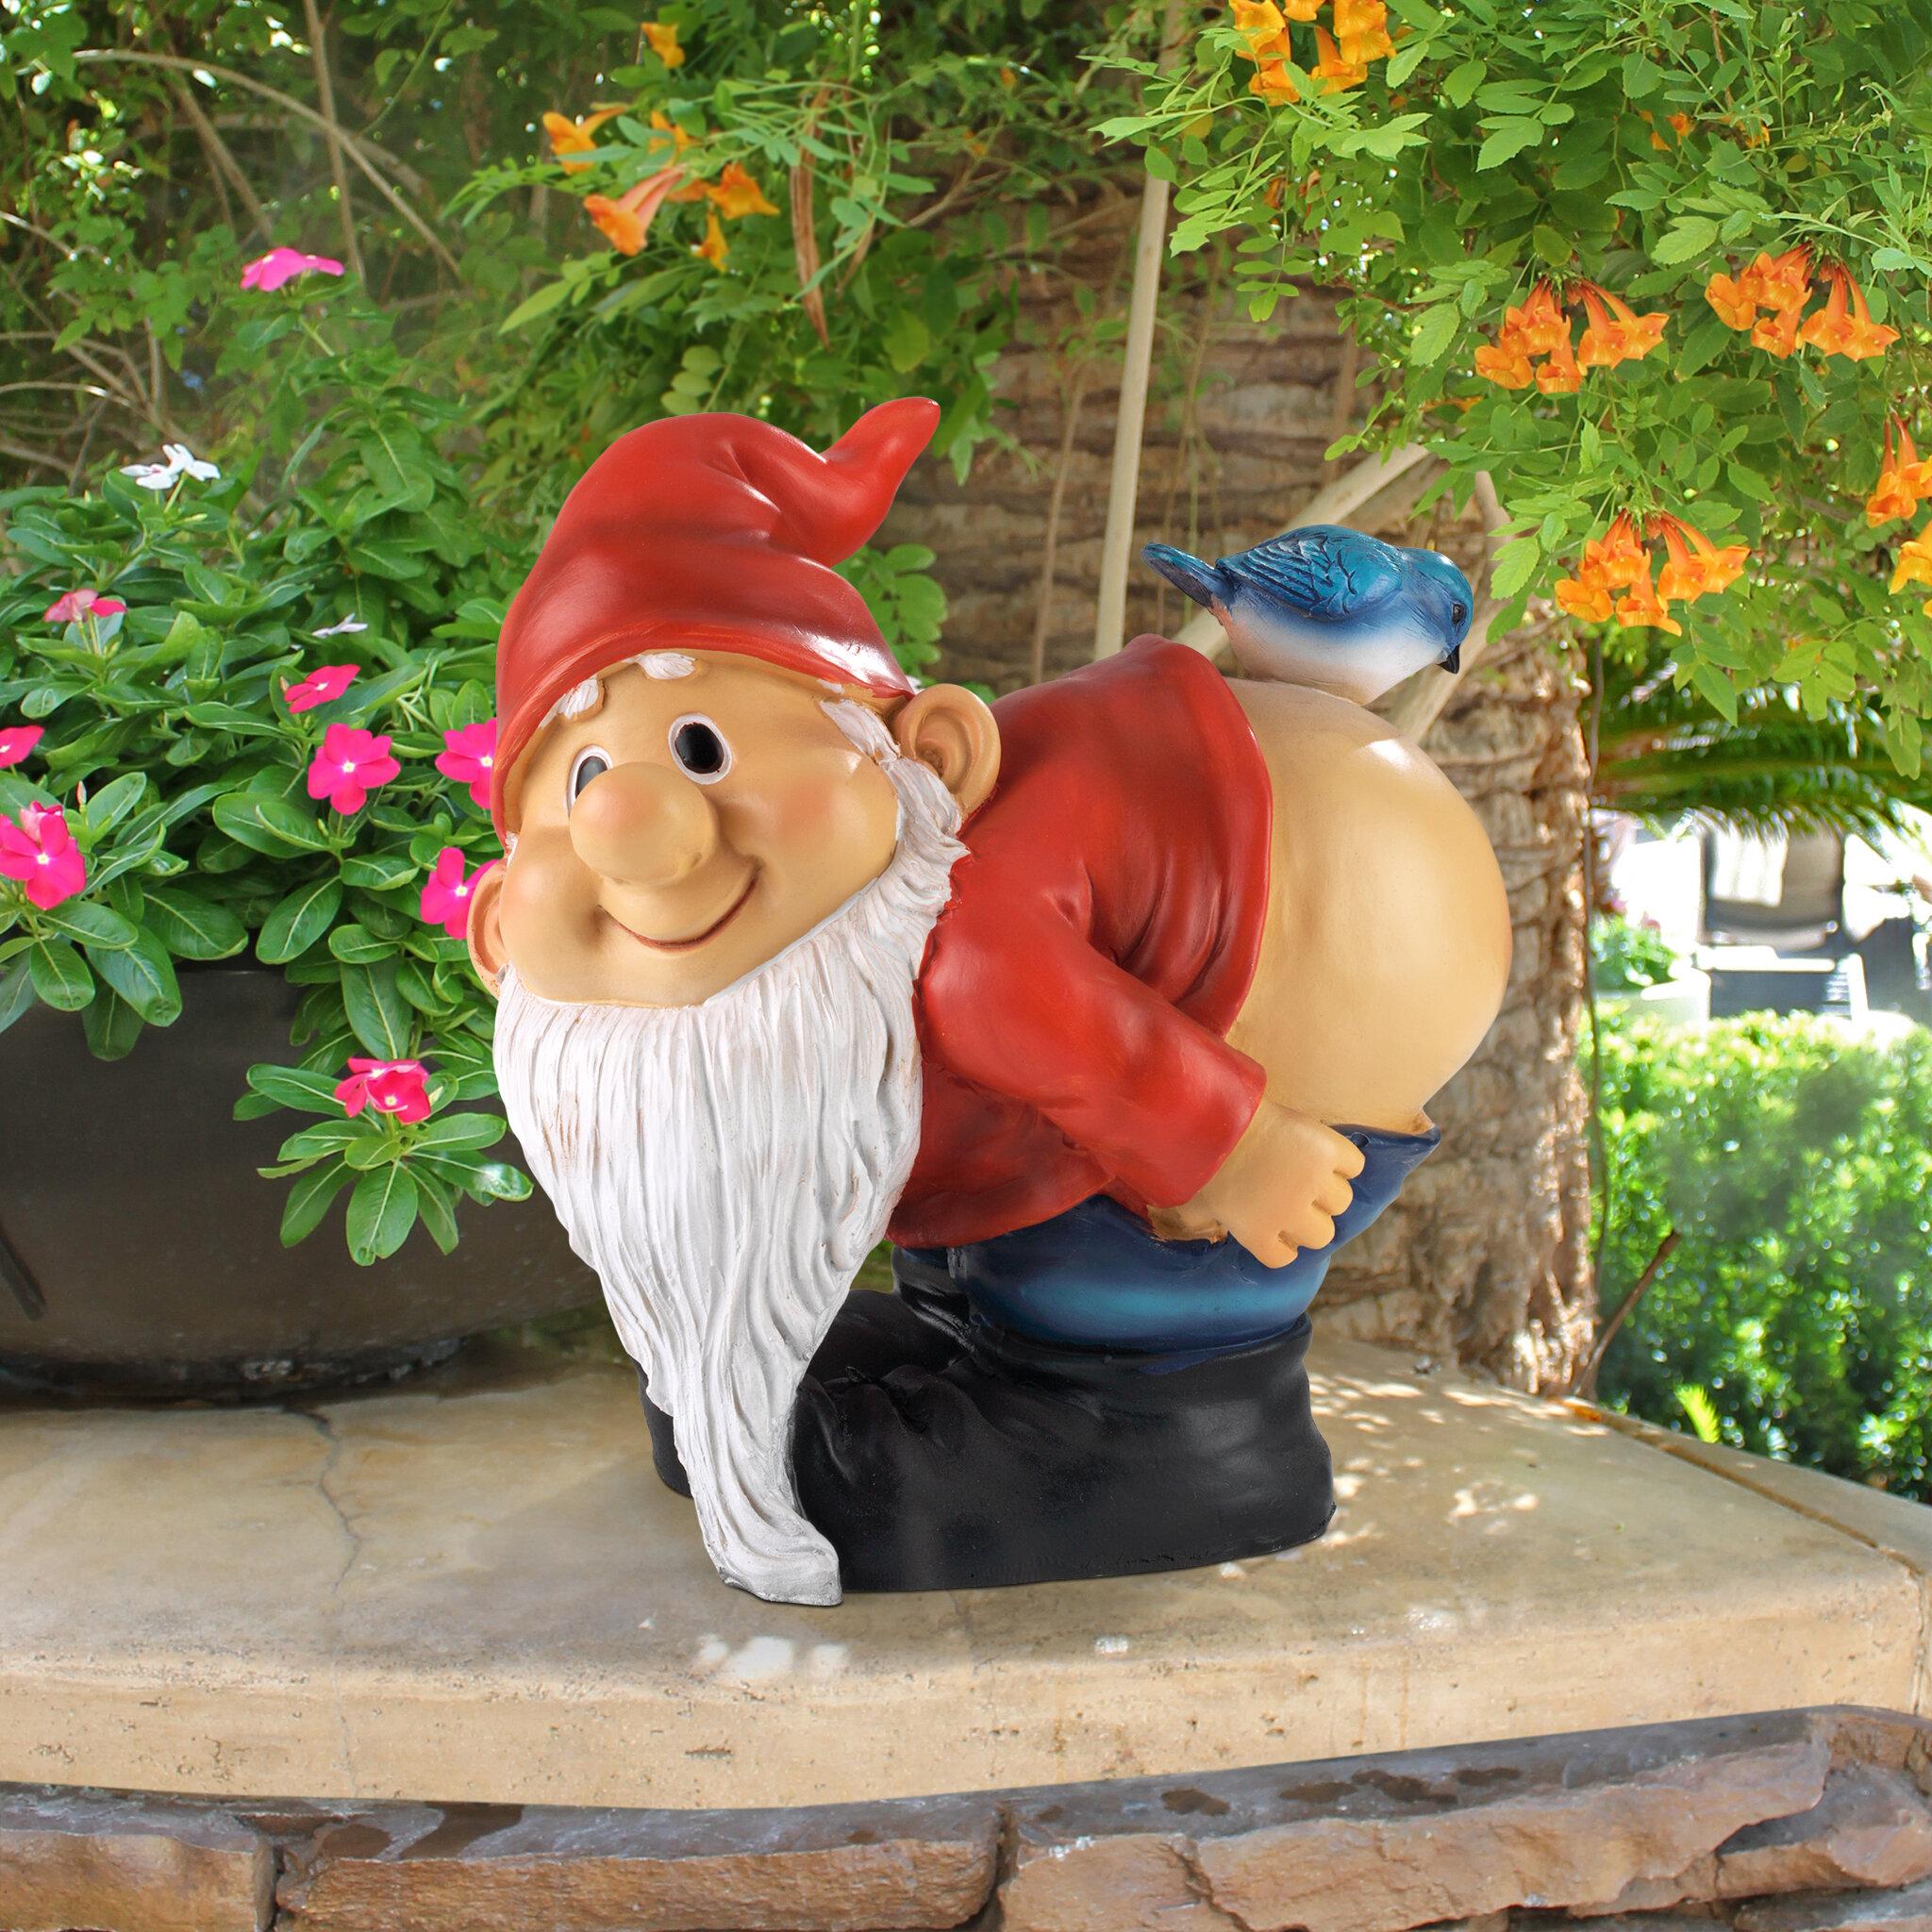 Baštenski patuljci  Loonie-moonie-bare-buttocks-garden-gnome-statue